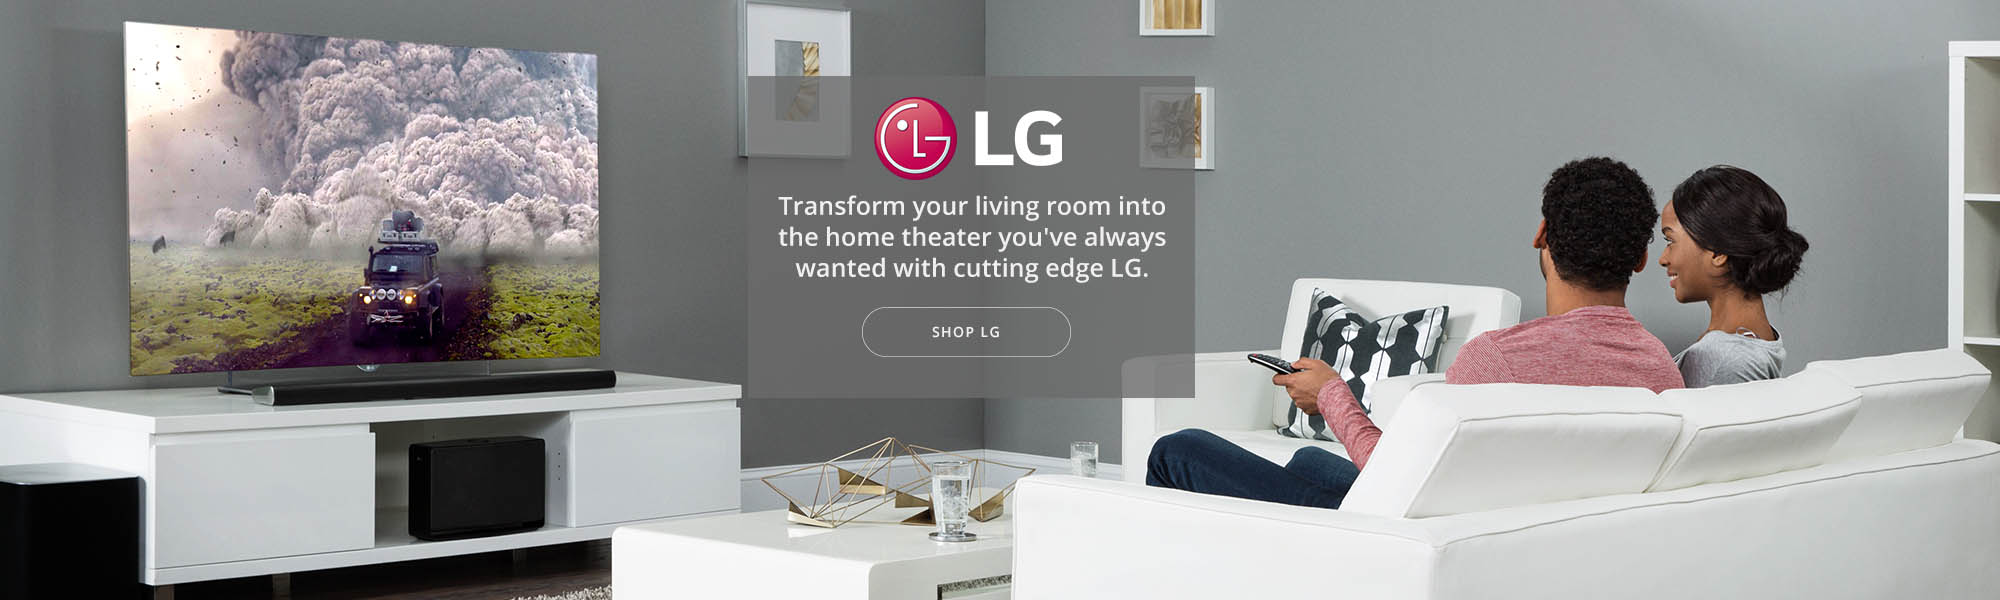 LG Promotional Slider